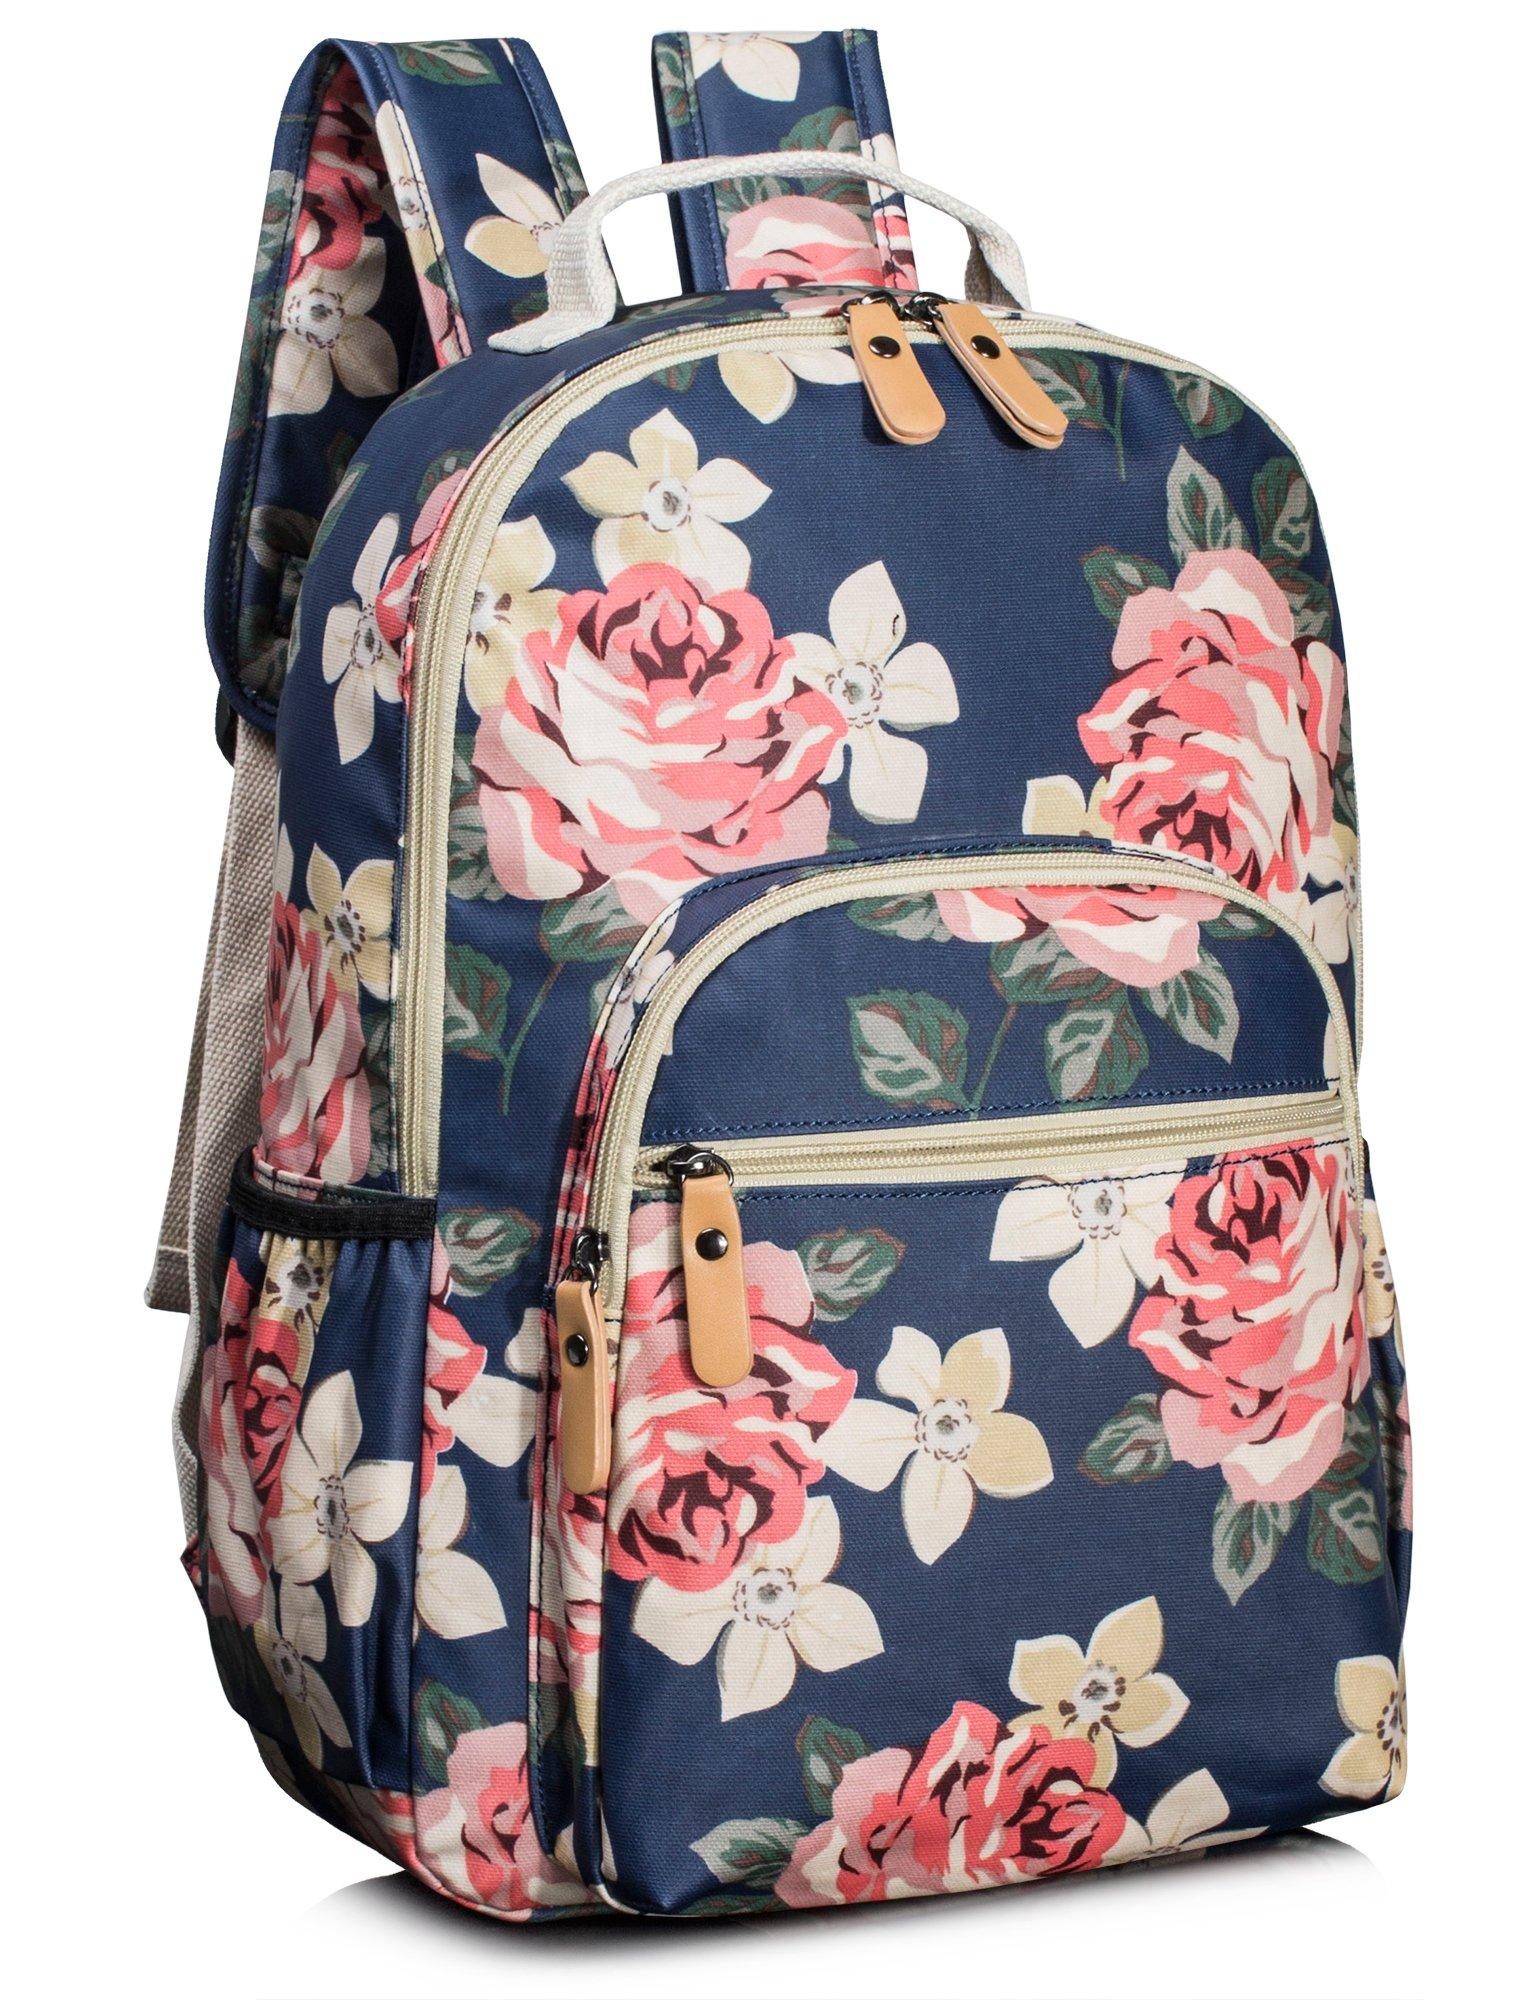 Leaper Floral School Backpack for Girls Travel Bag Bookbag Satchel Dark Blue by Leaper